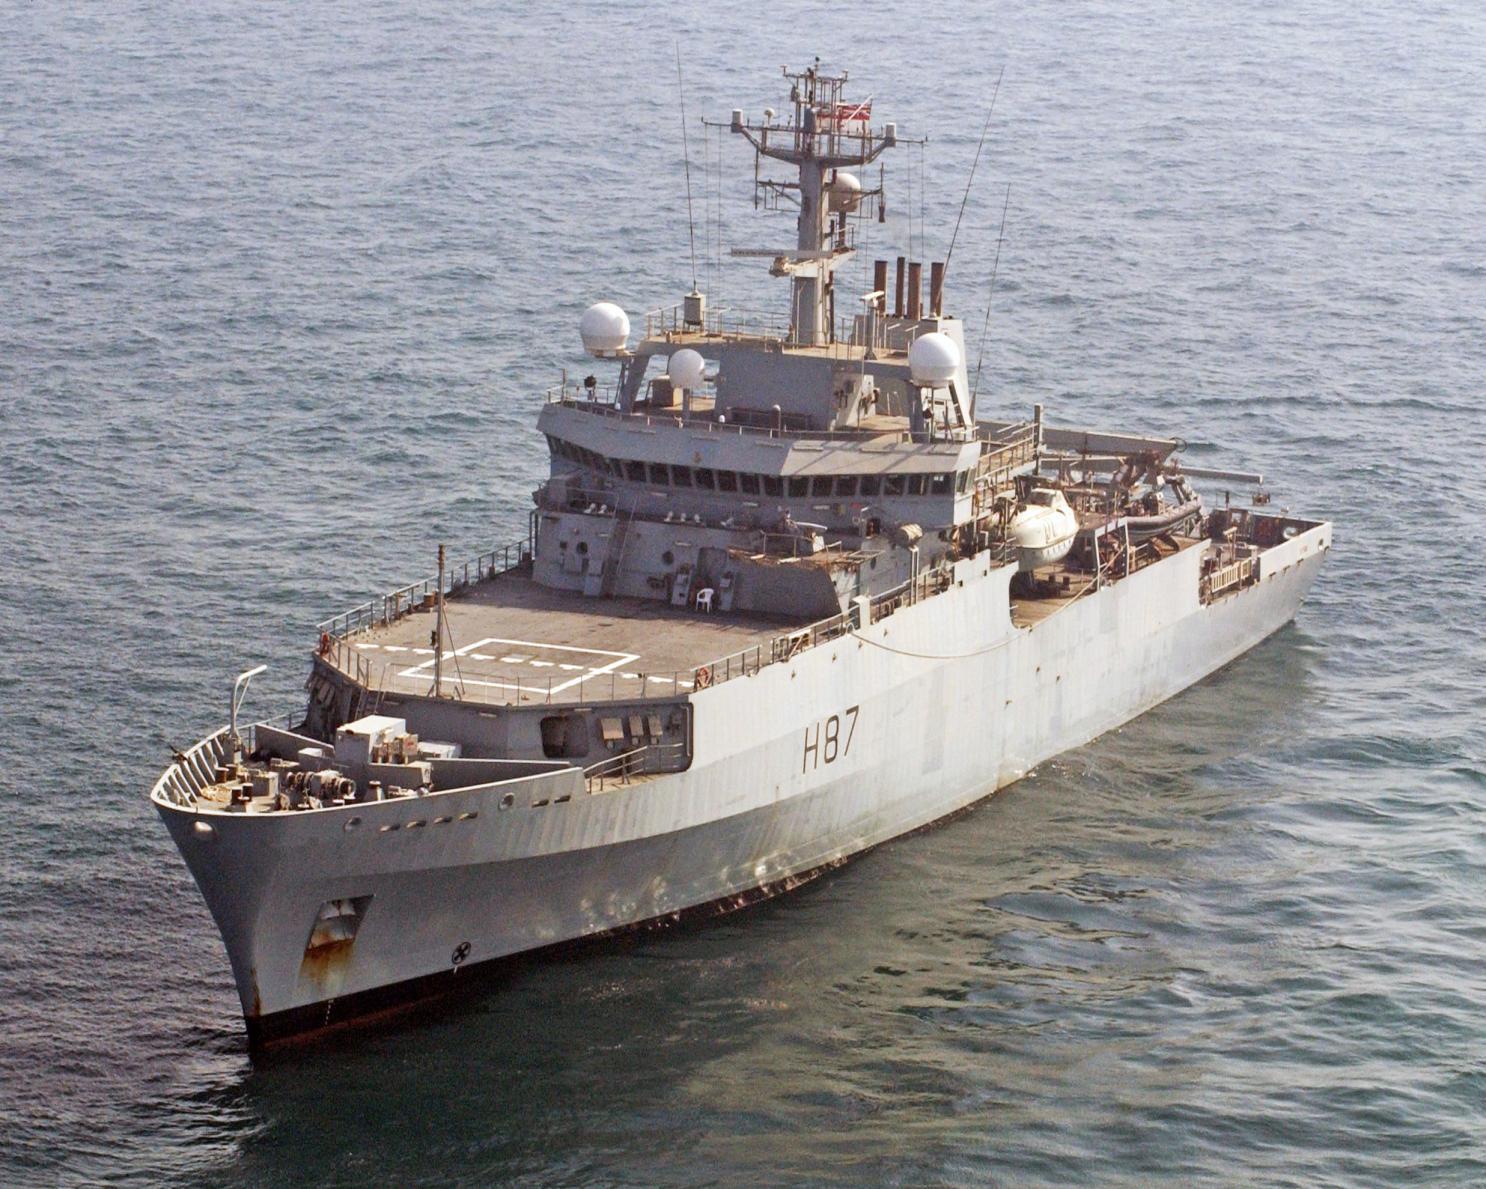 The National Interest: Британия отправила запугивать Россию корабль, вооруженный хуже украинских катеров